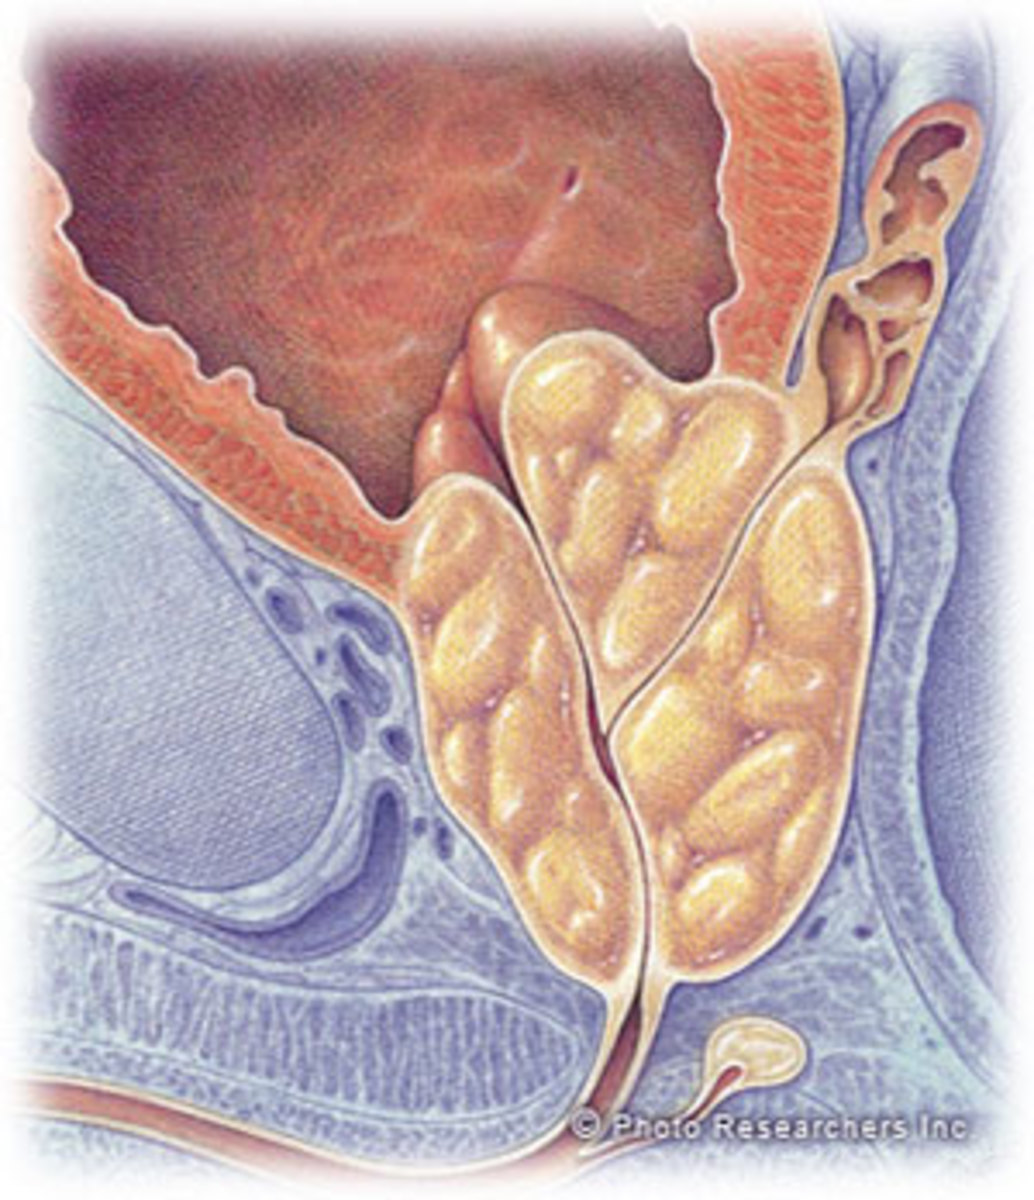 Prostate enlarged